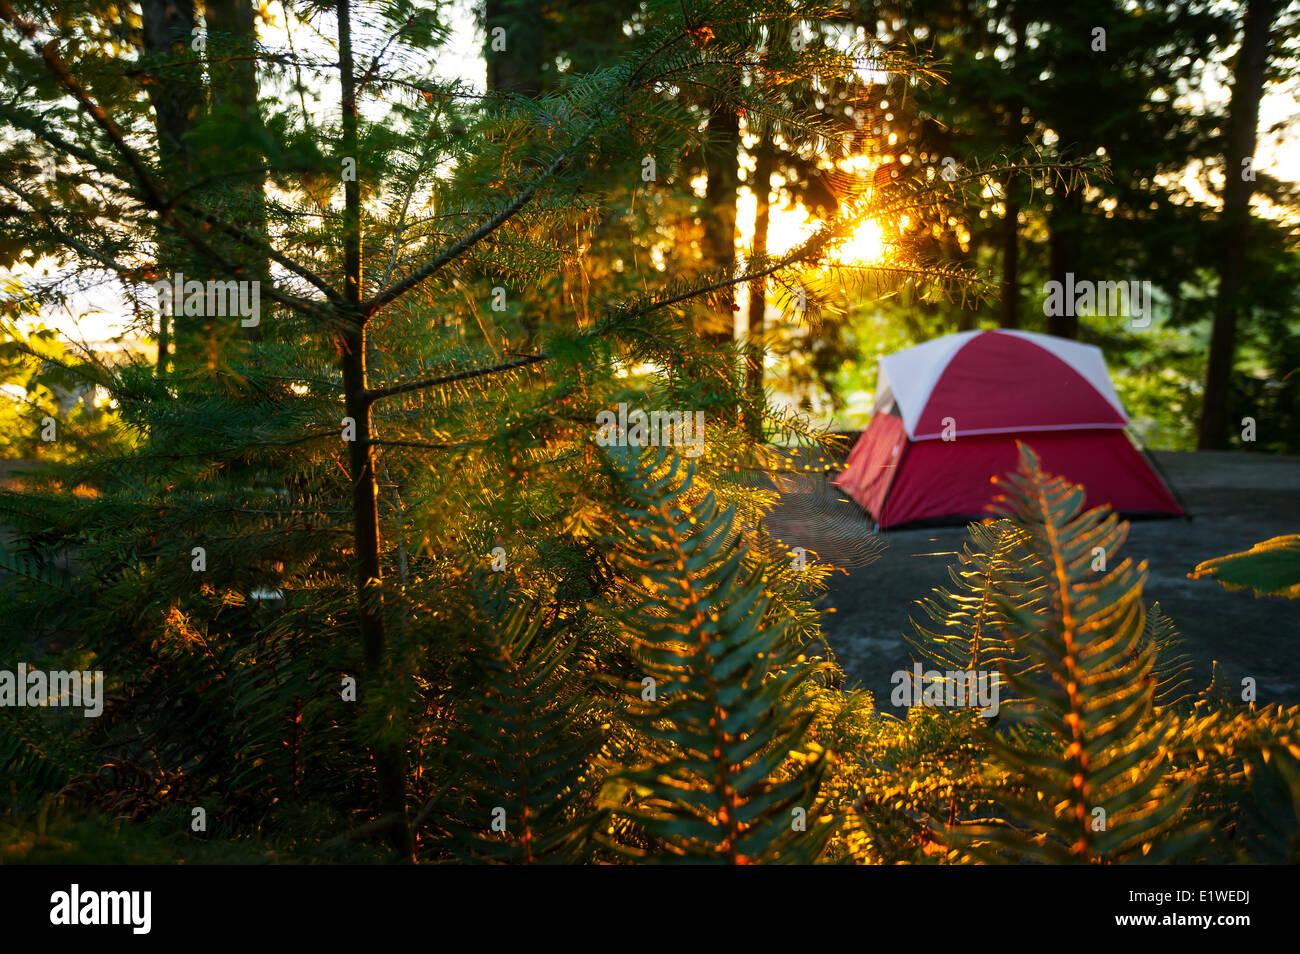 Un tentsite est baignée de lumière du matin au camping de Zuiderzee Resort juste à l'extérieur Photo Stock